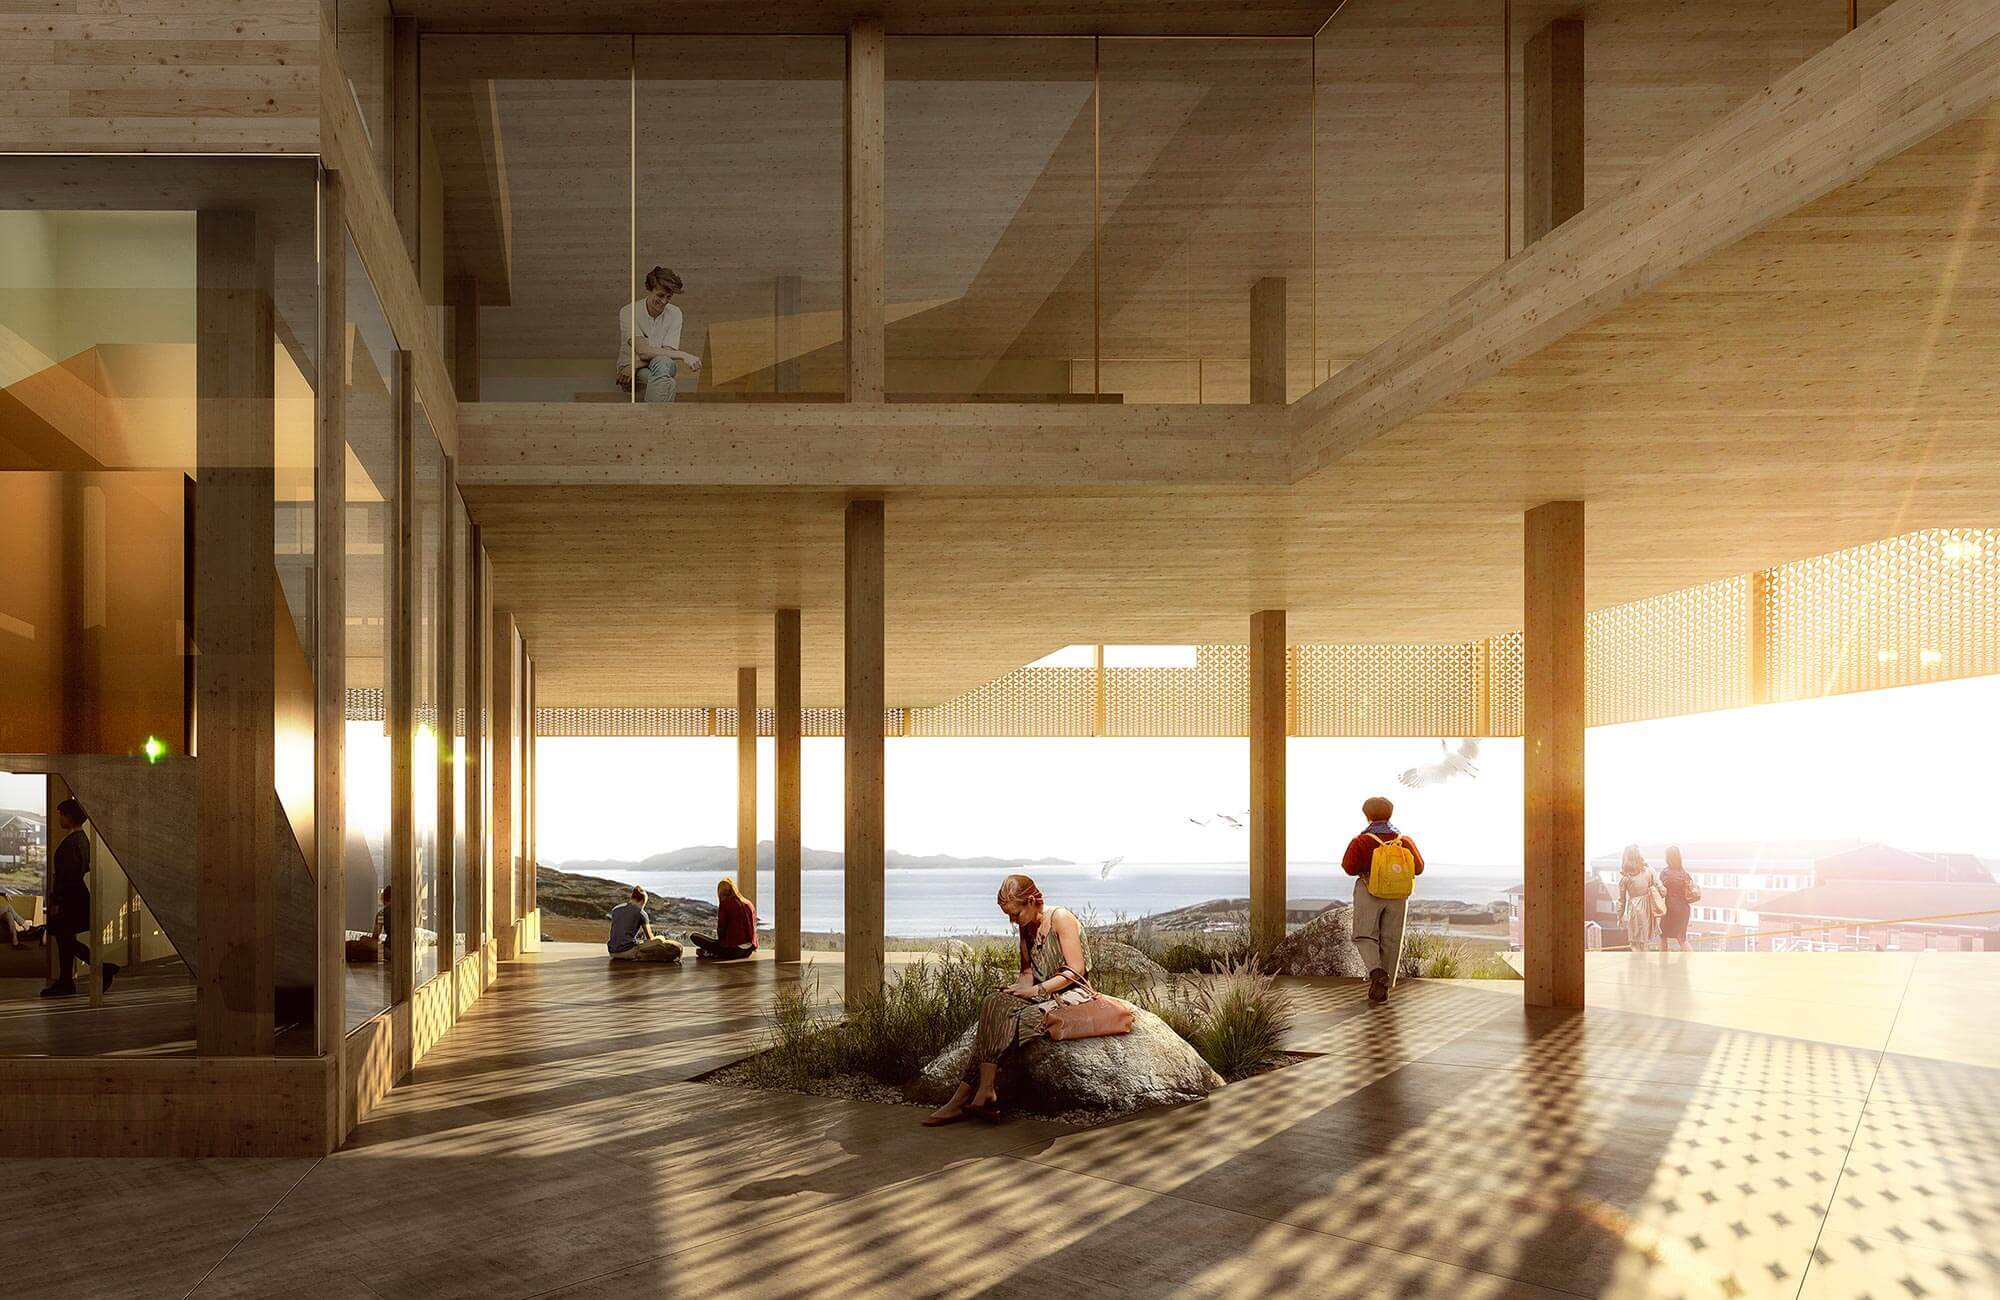 Skandinavische Architektur in einer nach Plänen von White Arkitekter gebauten Klinik in Grönland.